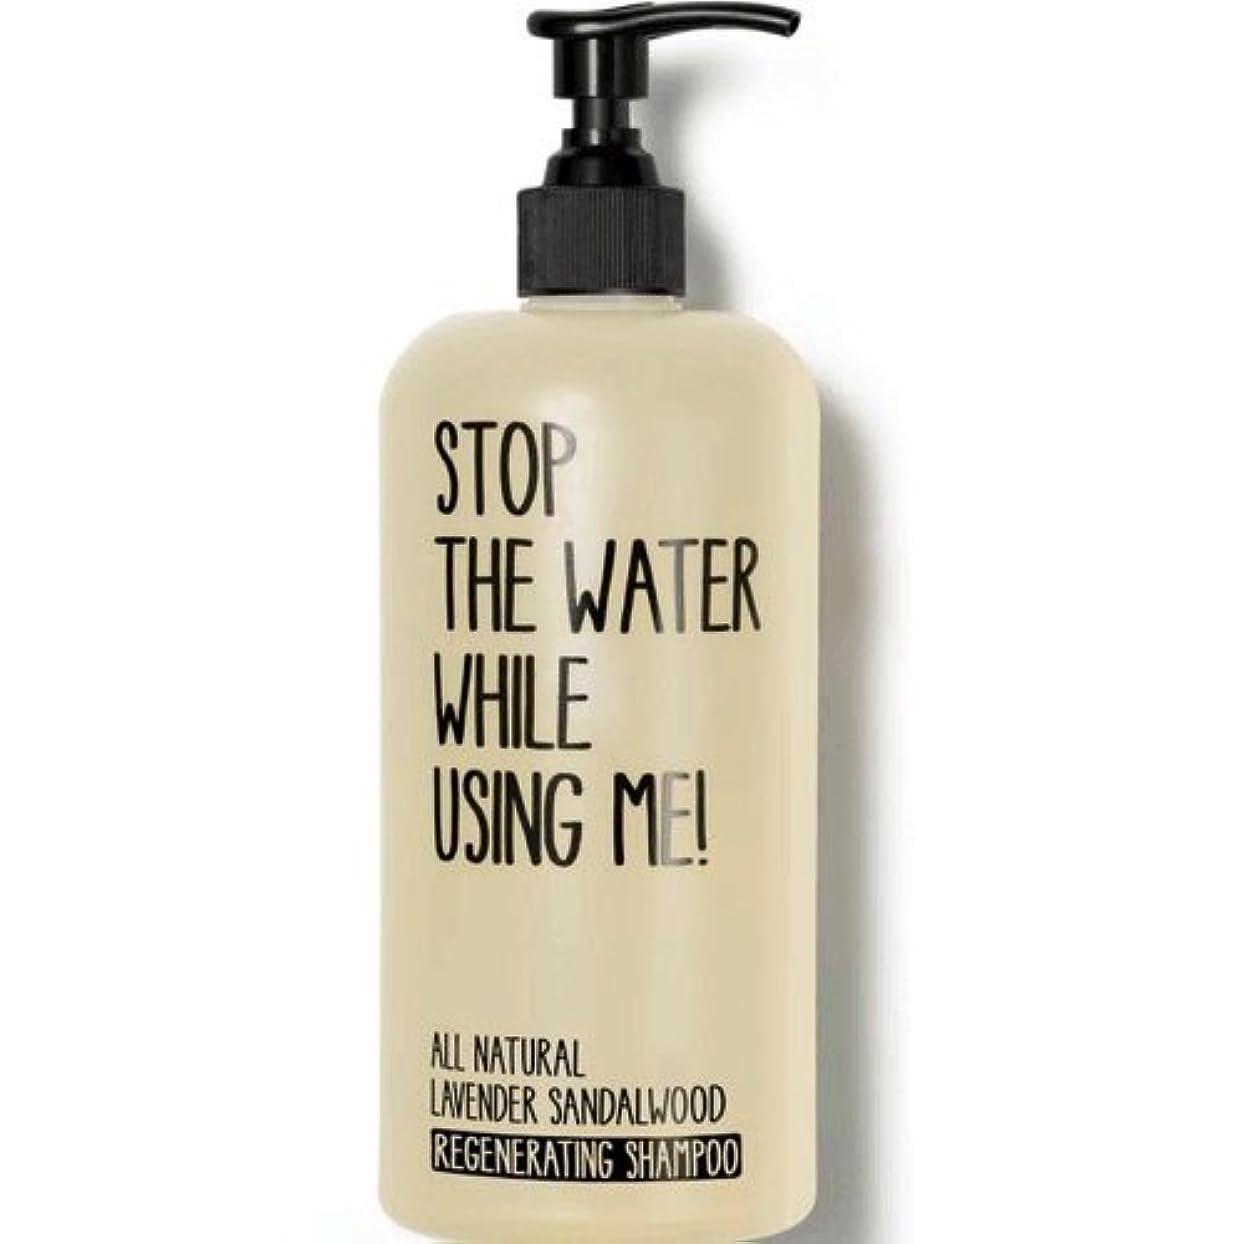 通り線形テメリティ【STOP THE WATER WHILE USING ME!】L&Sシャンプー(ラベンダー&サンダルウッド) 500ml [並行輸入品]